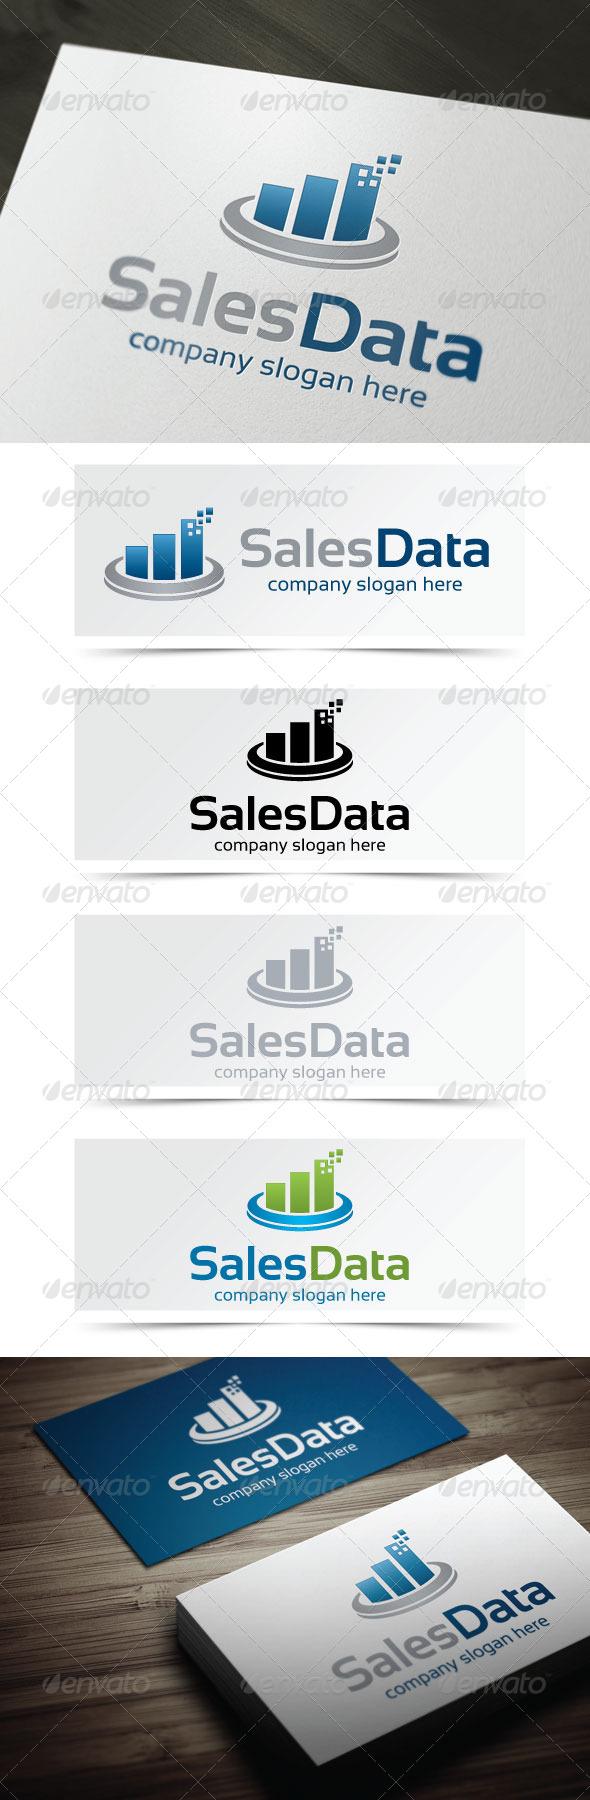 GraphicRiver Sales Data 4913314